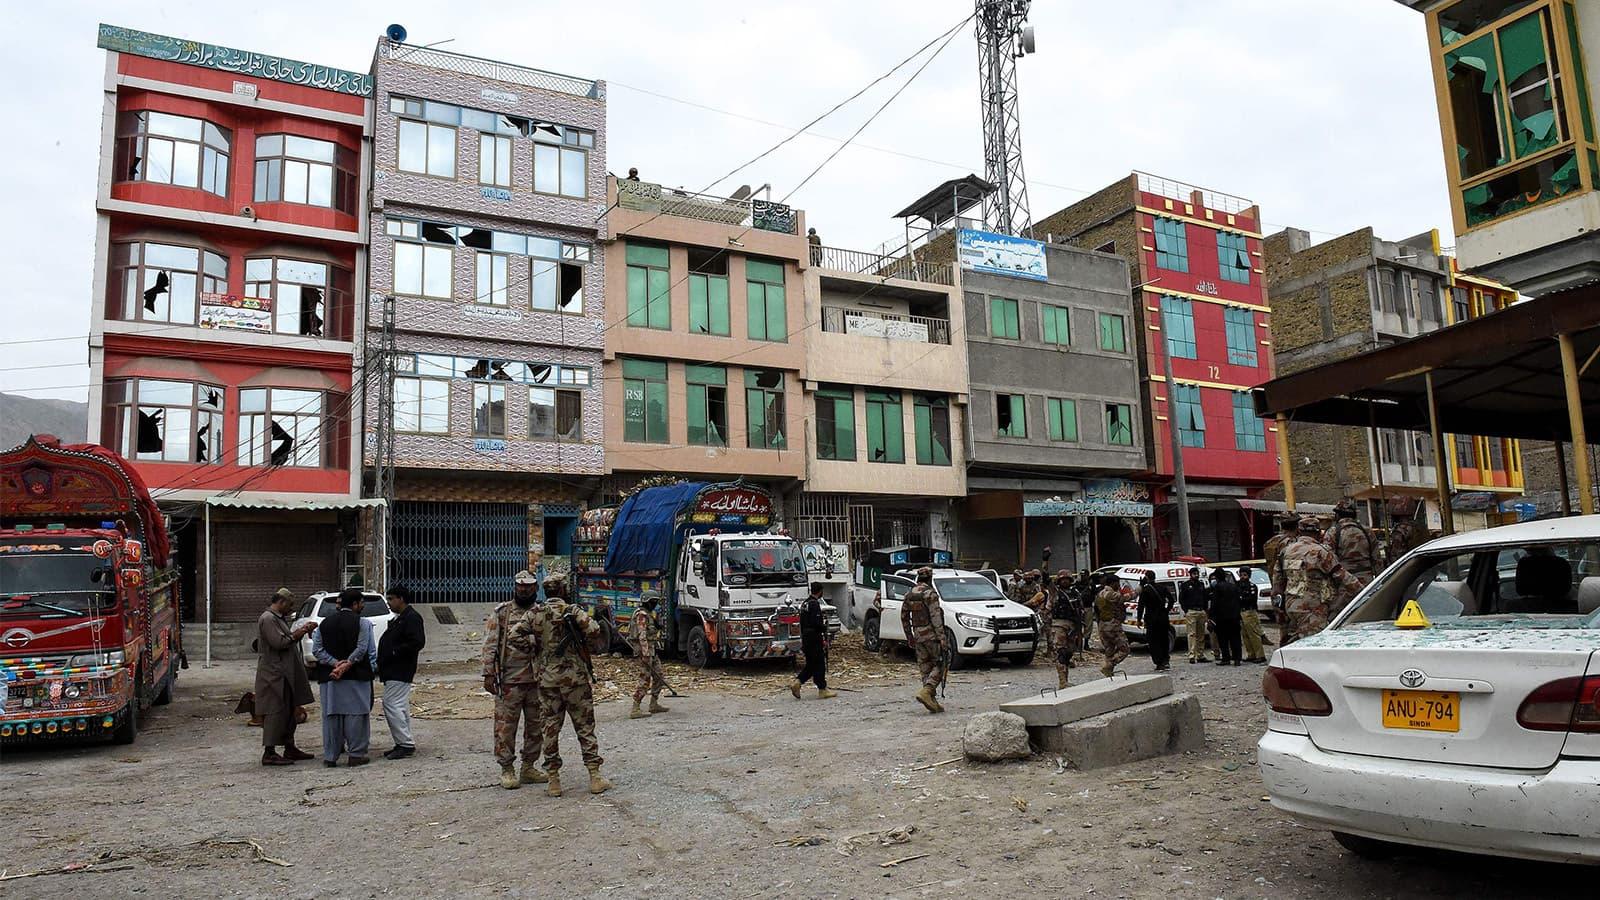 دھماکا اس قدر زوردار تھا کہ آس پاس کی عمارتوں کے شیشے ٹوٹ گئے—تصویر:اے ایف پی